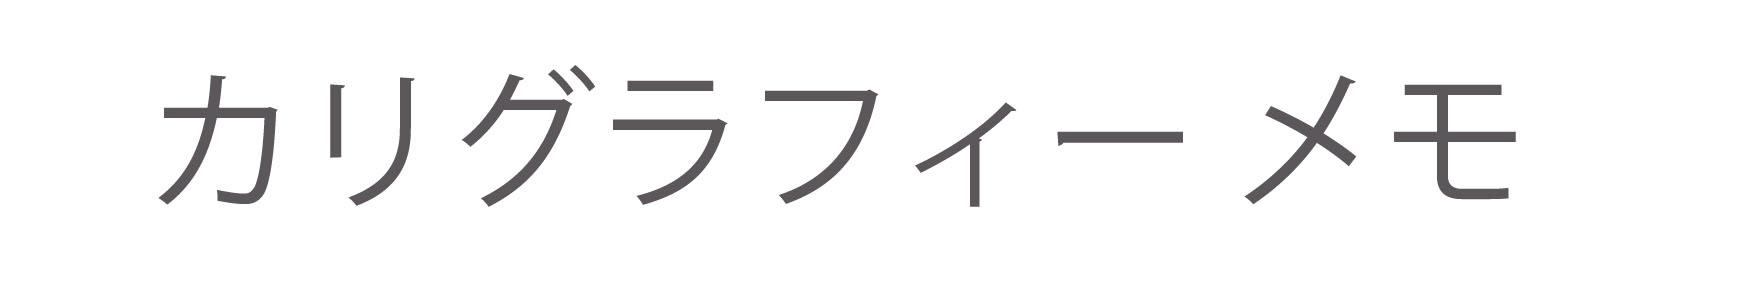 【カリグラフィー ブログ】カリグラフィー メモ